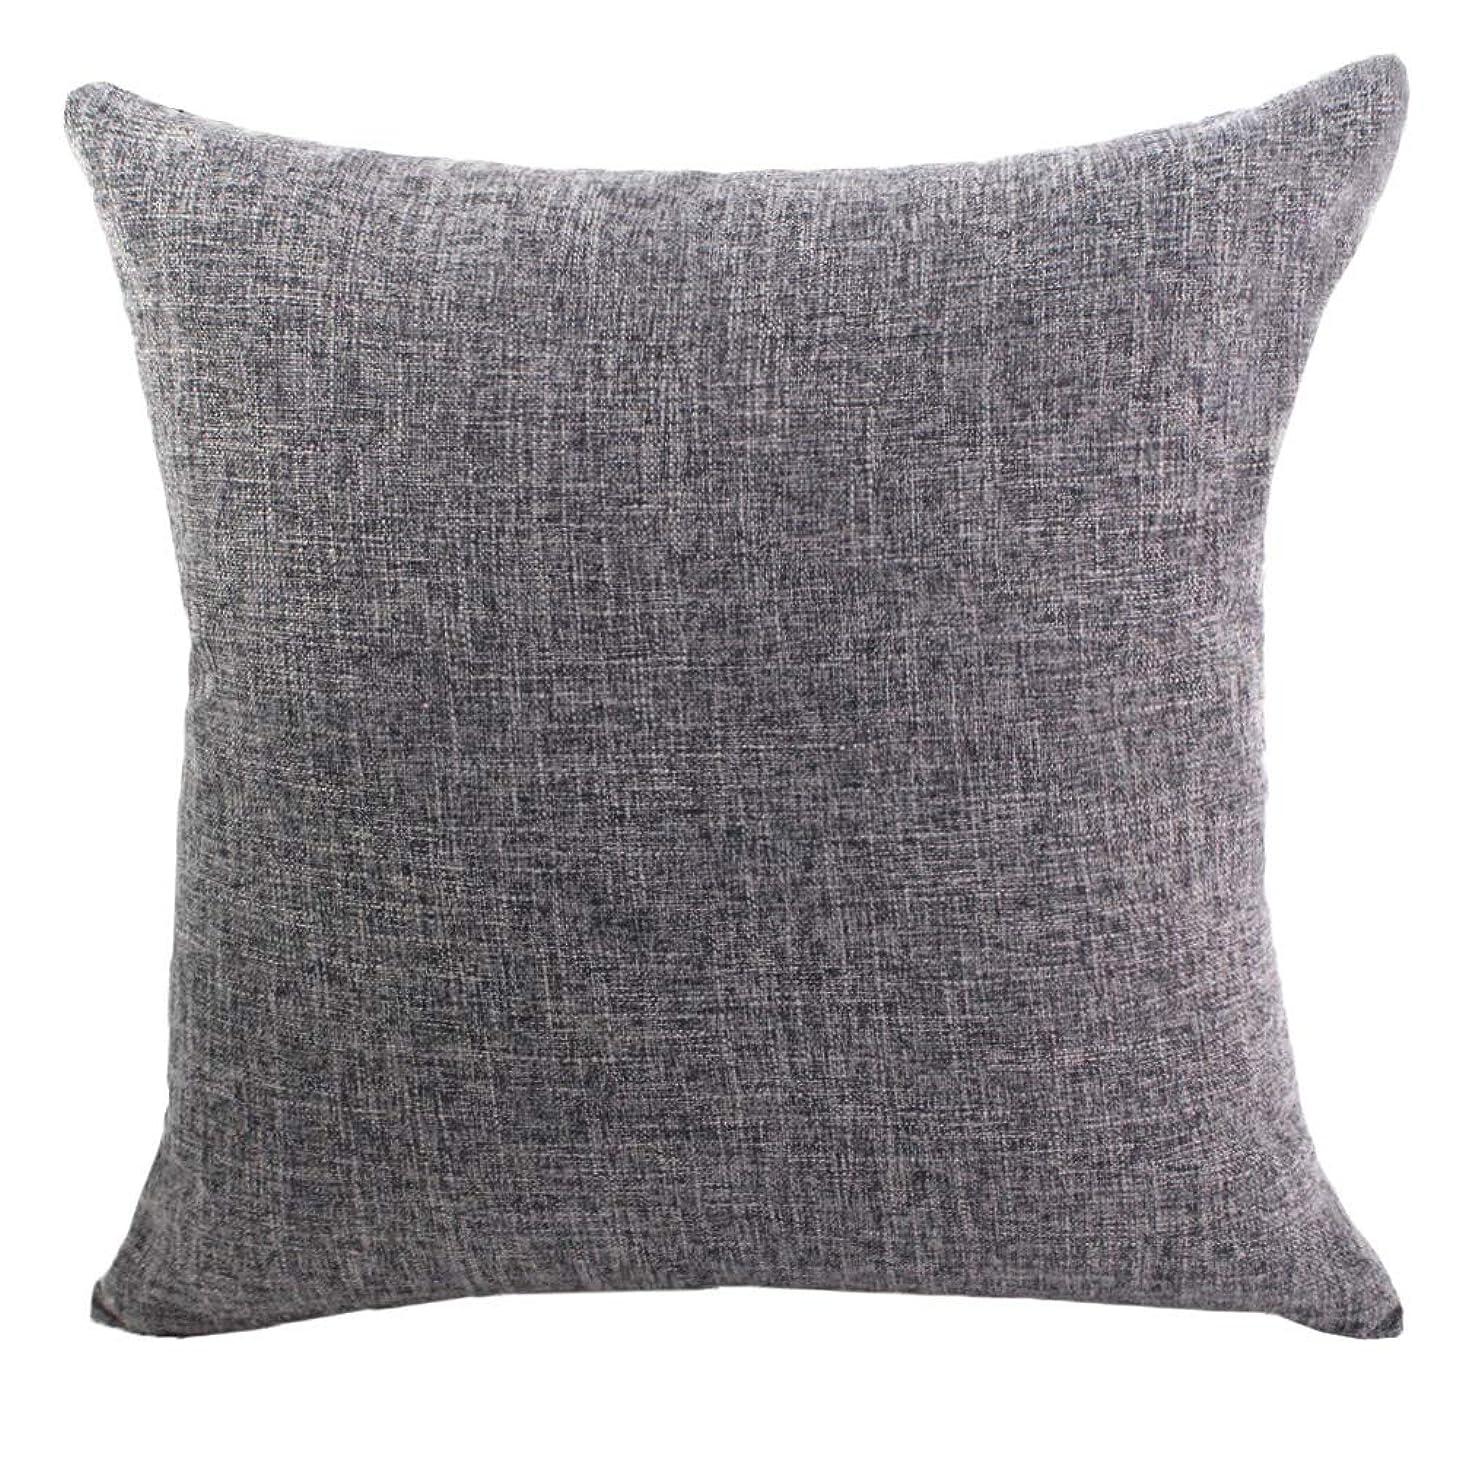 素人完全に乾く分解するK&T クッションカバー ホーム 綿麻 亜麻製 ピローケース インテリア おしゃれ 通気性 洗える 枕カバー 車に ソファ ソファー ベッド 飾り 背当て抱き枕カバー